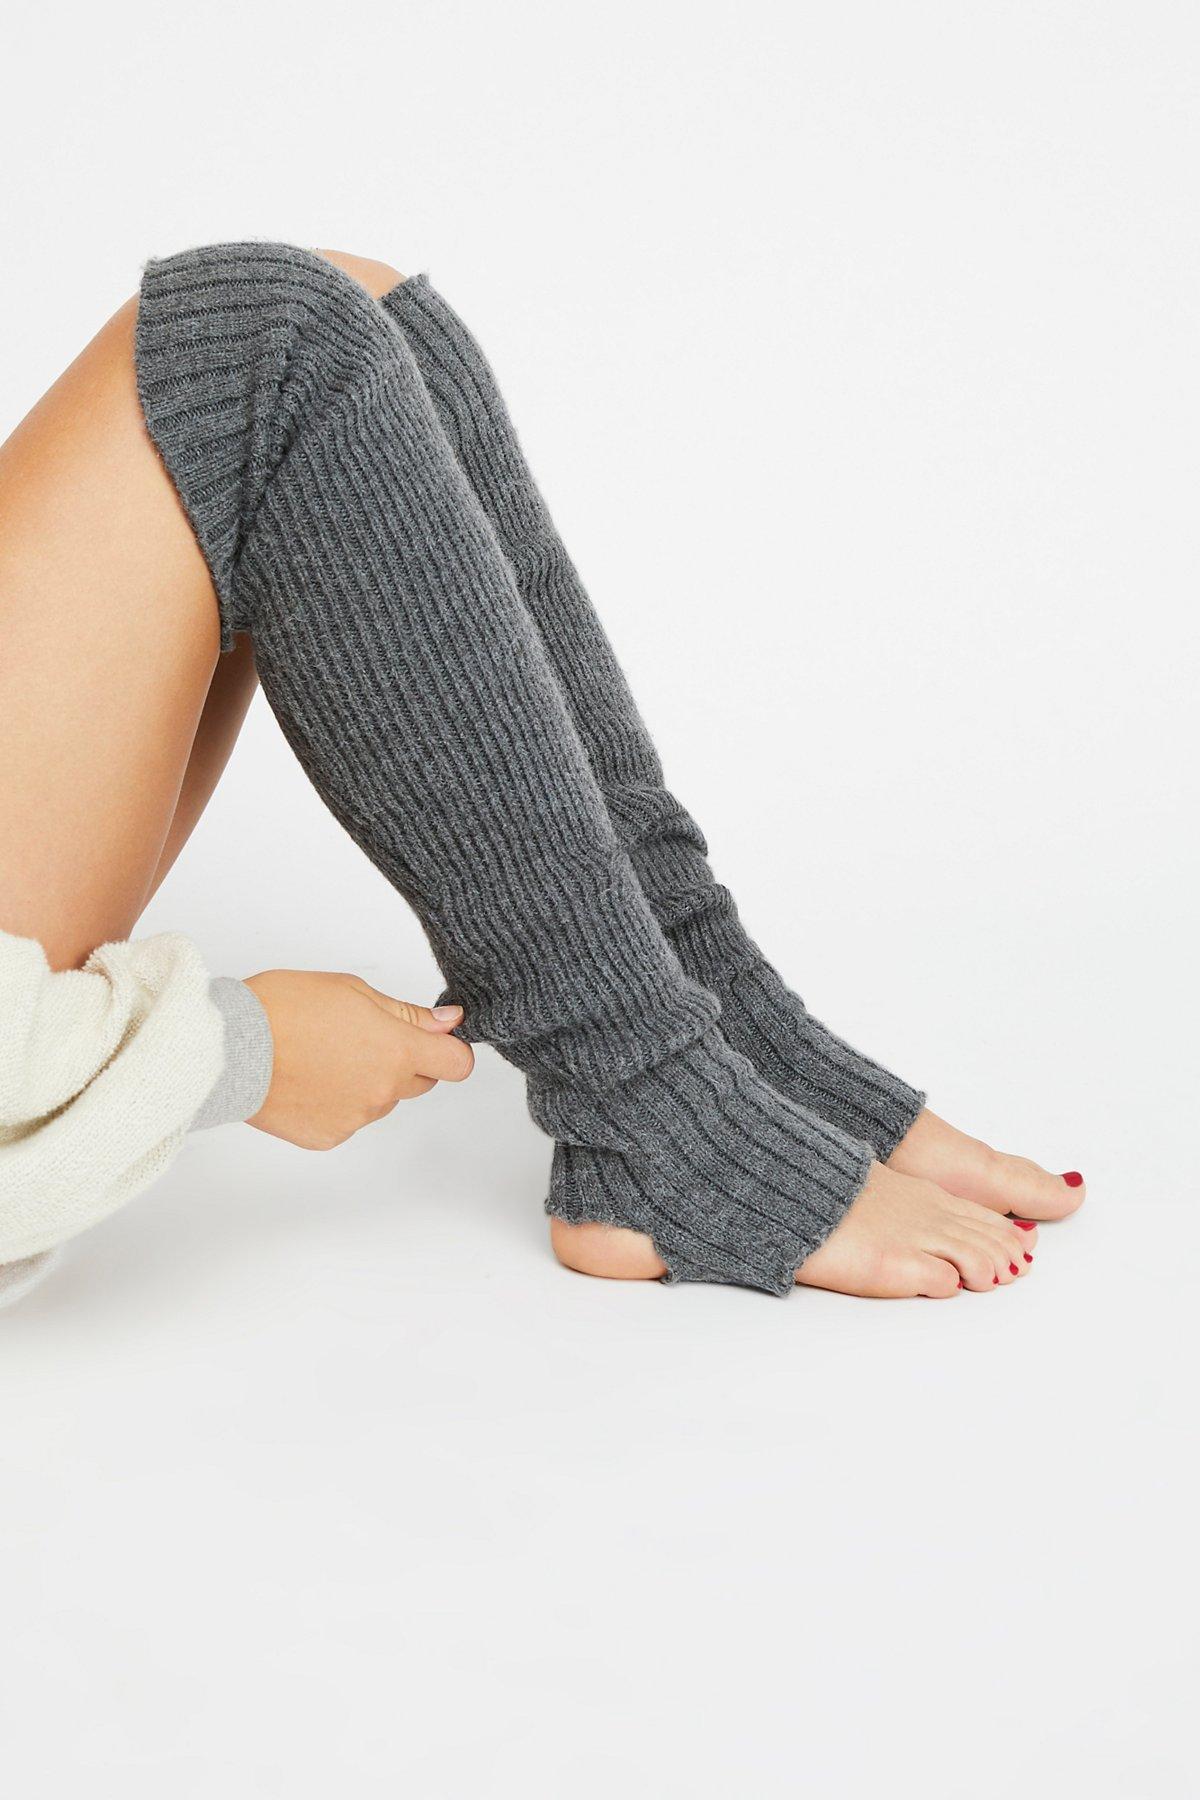 Battu脚蹬暖腿袜